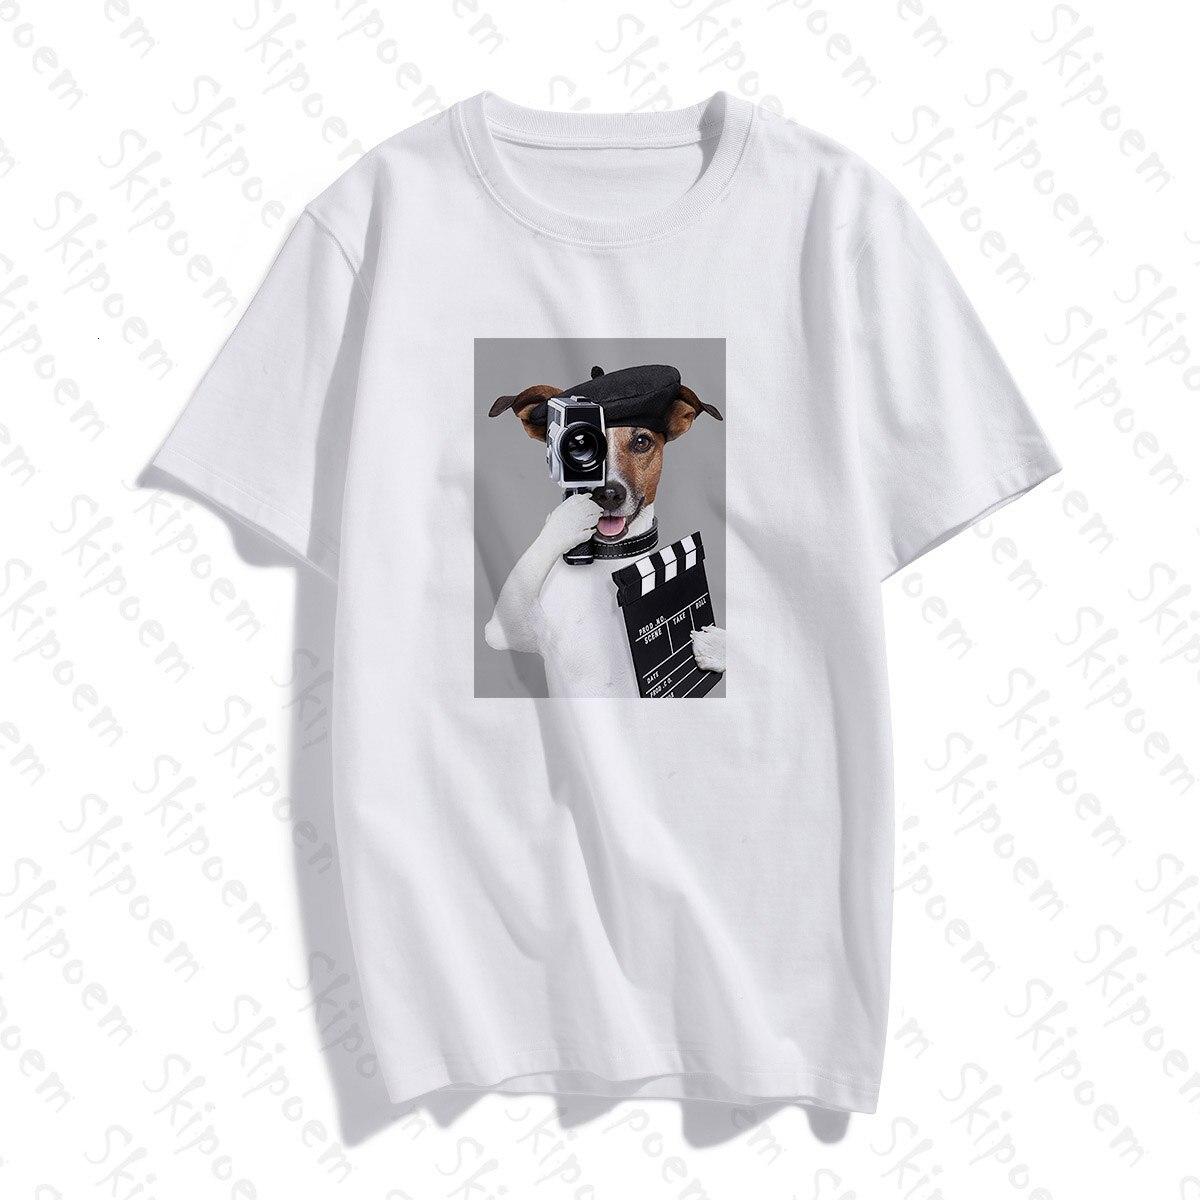 Engraçado cão fotógrafo tshirt feminino estético tumblr estilo coreano do vintage plus size manga curta algodão roupas camiseta femme